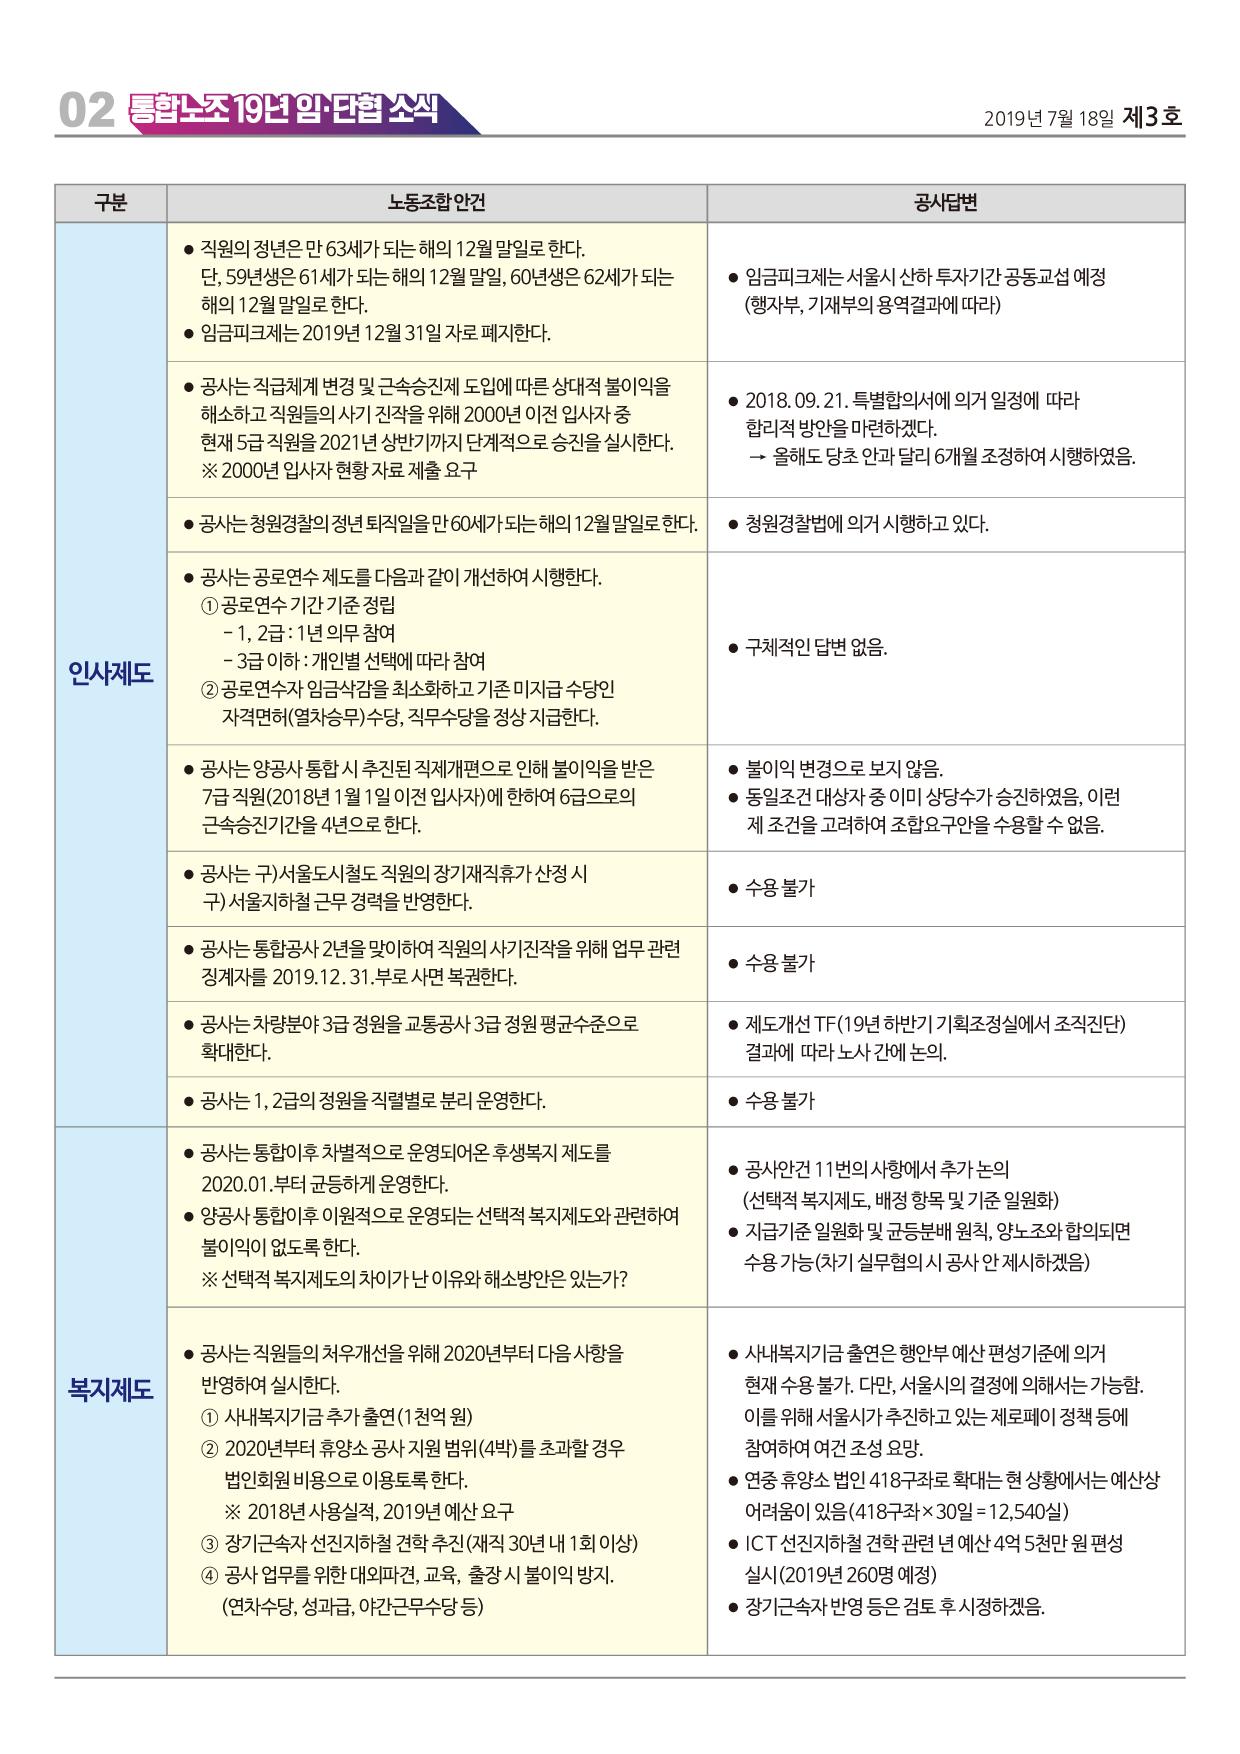 통합노조19년임단협소식_제3호_A3OK-2.jpg